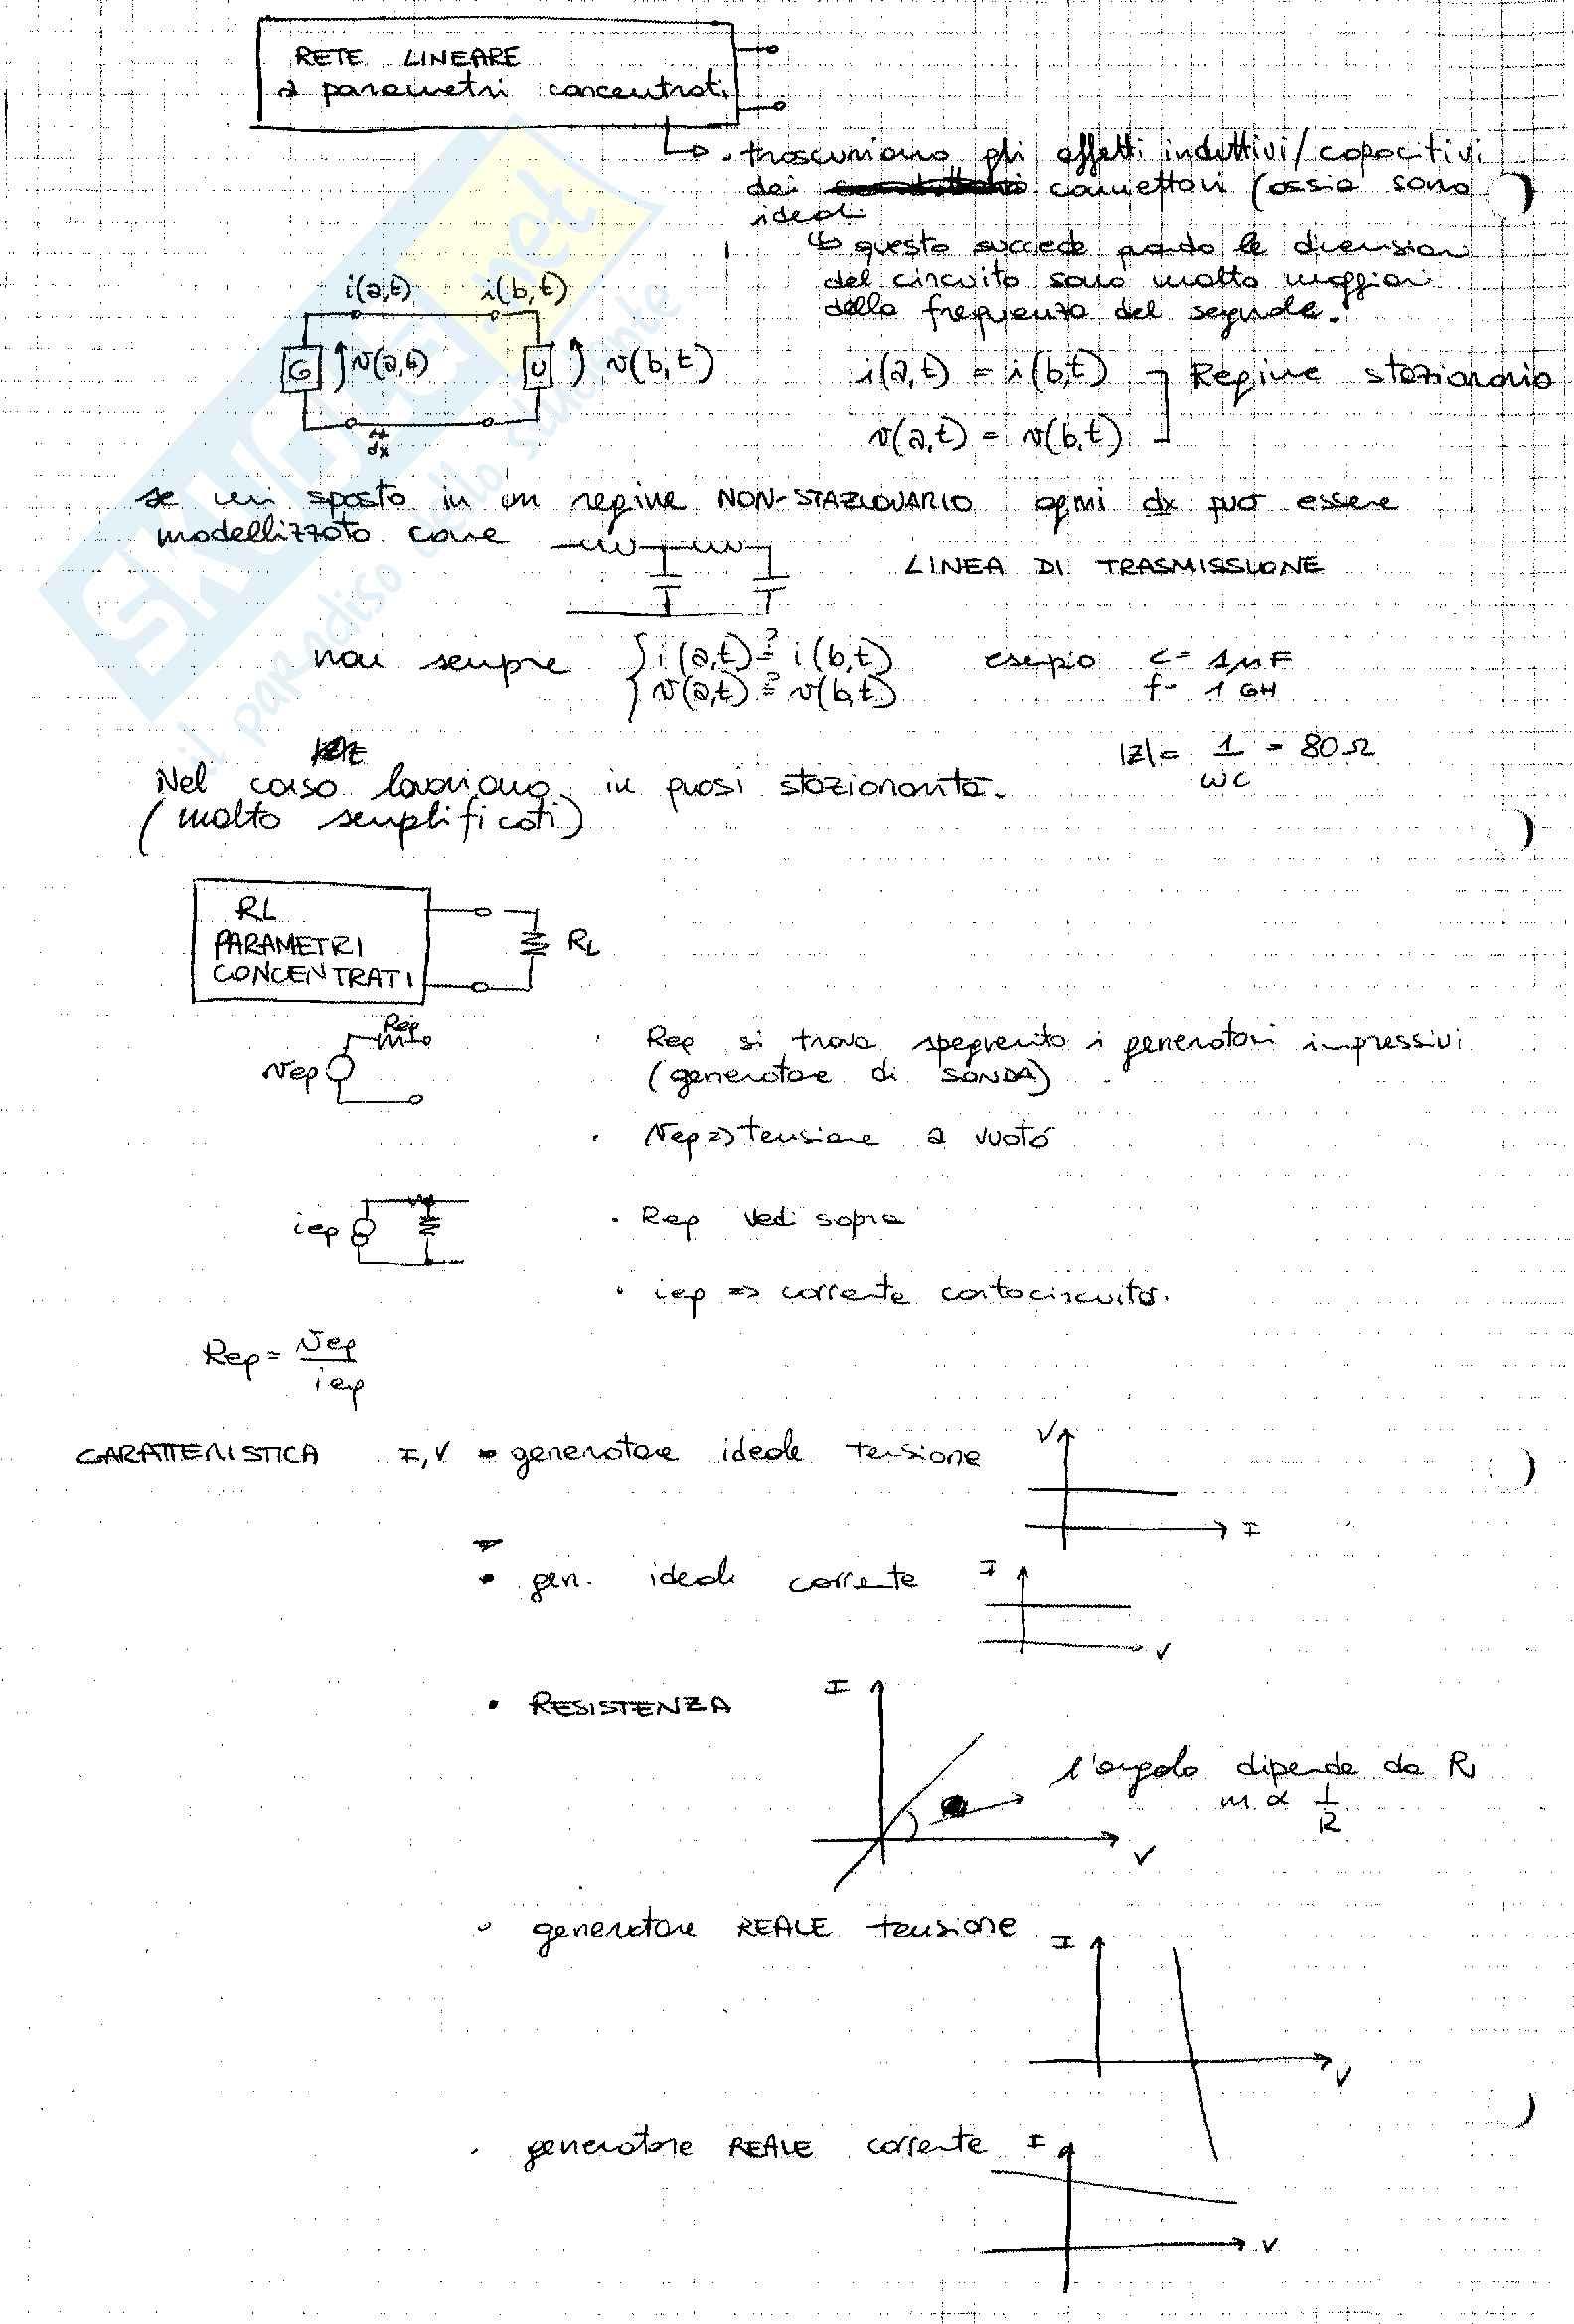 Fondamenti Di Elettronica Guazzoni Pag. 2